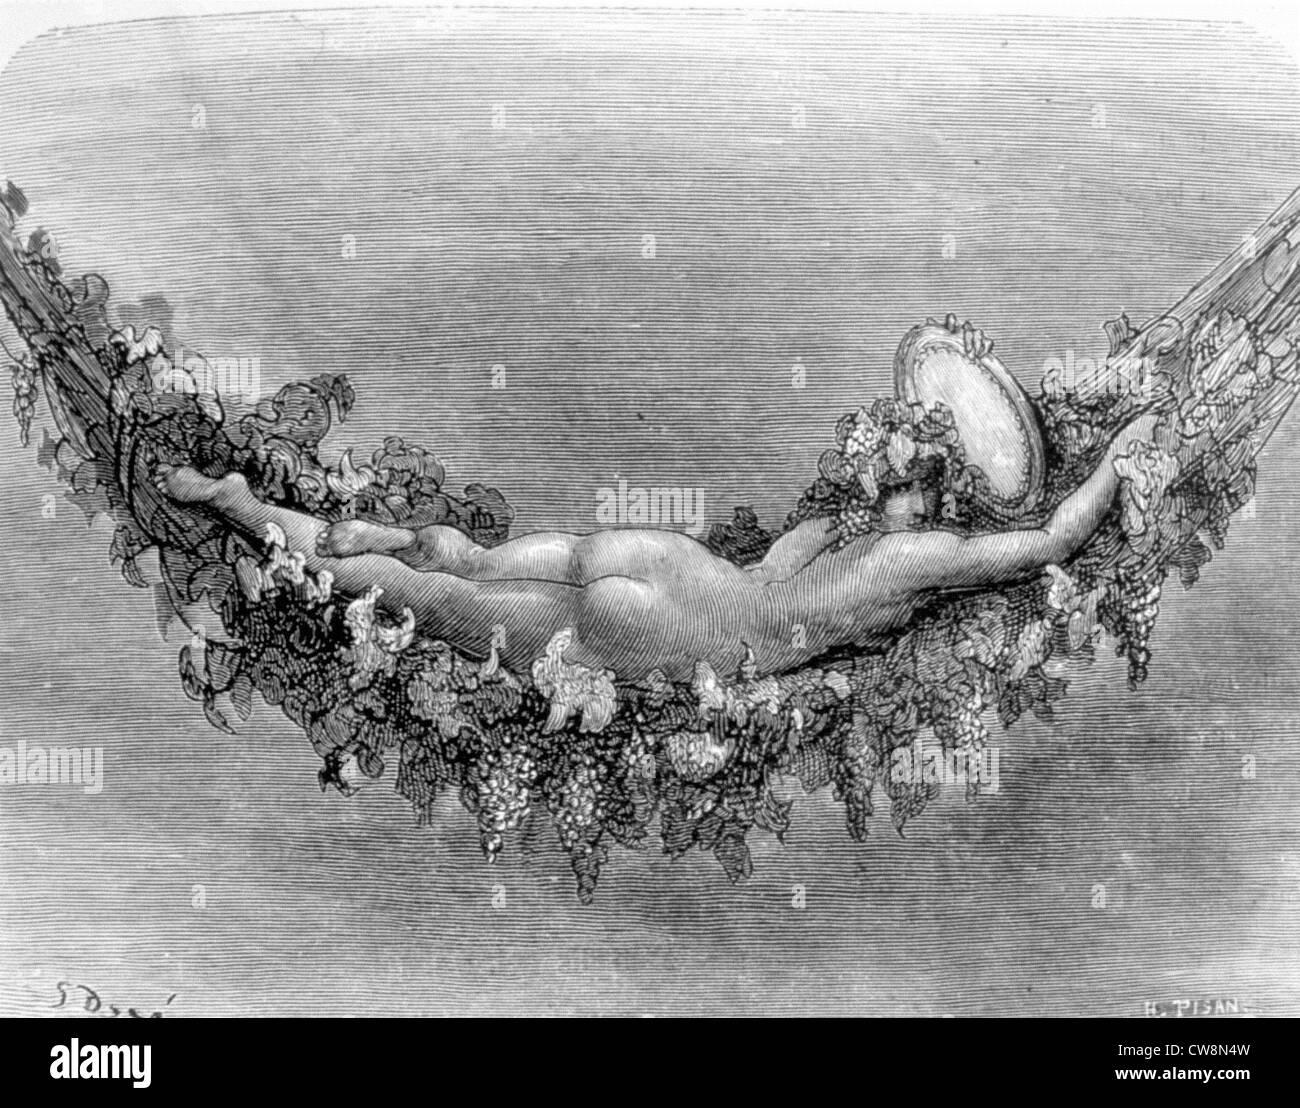 Rabelais, illustration par Gustave Doré Photo Stock